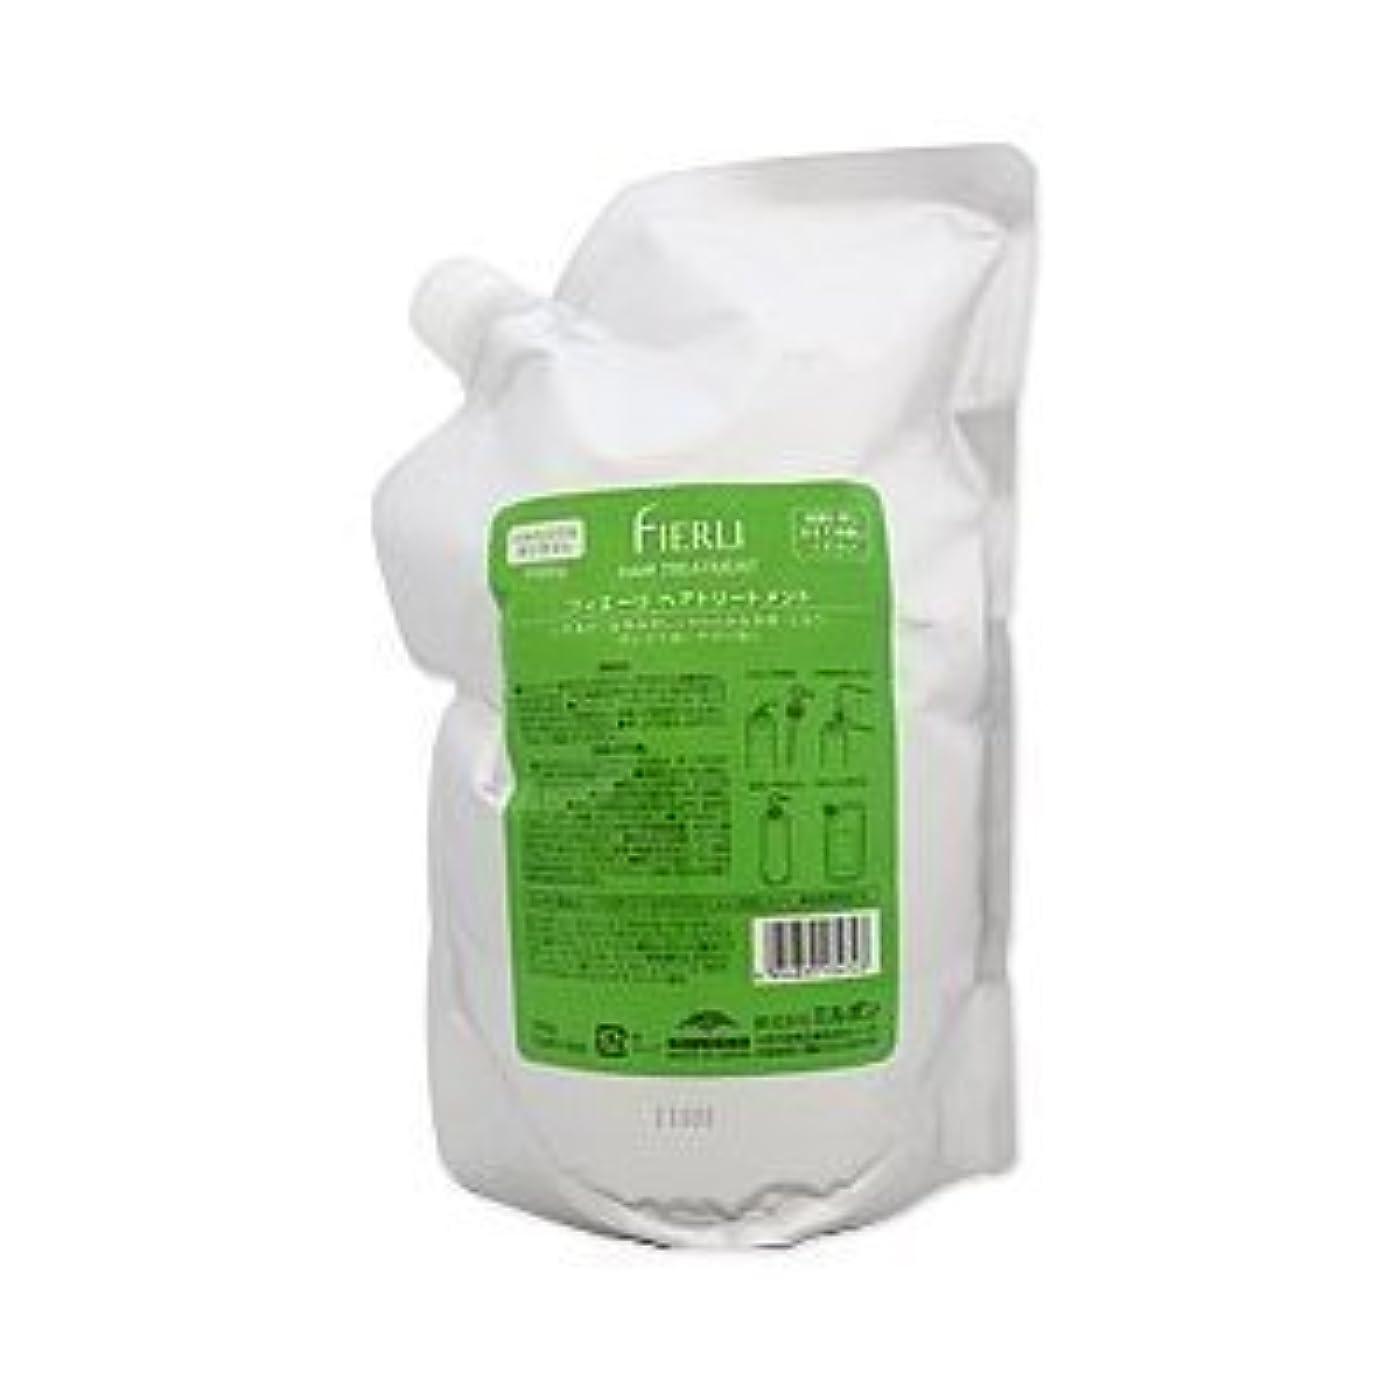 鑑定周術期精緻化フィエーリ ヘアトリートメント 2.5kgパック(詰替用)